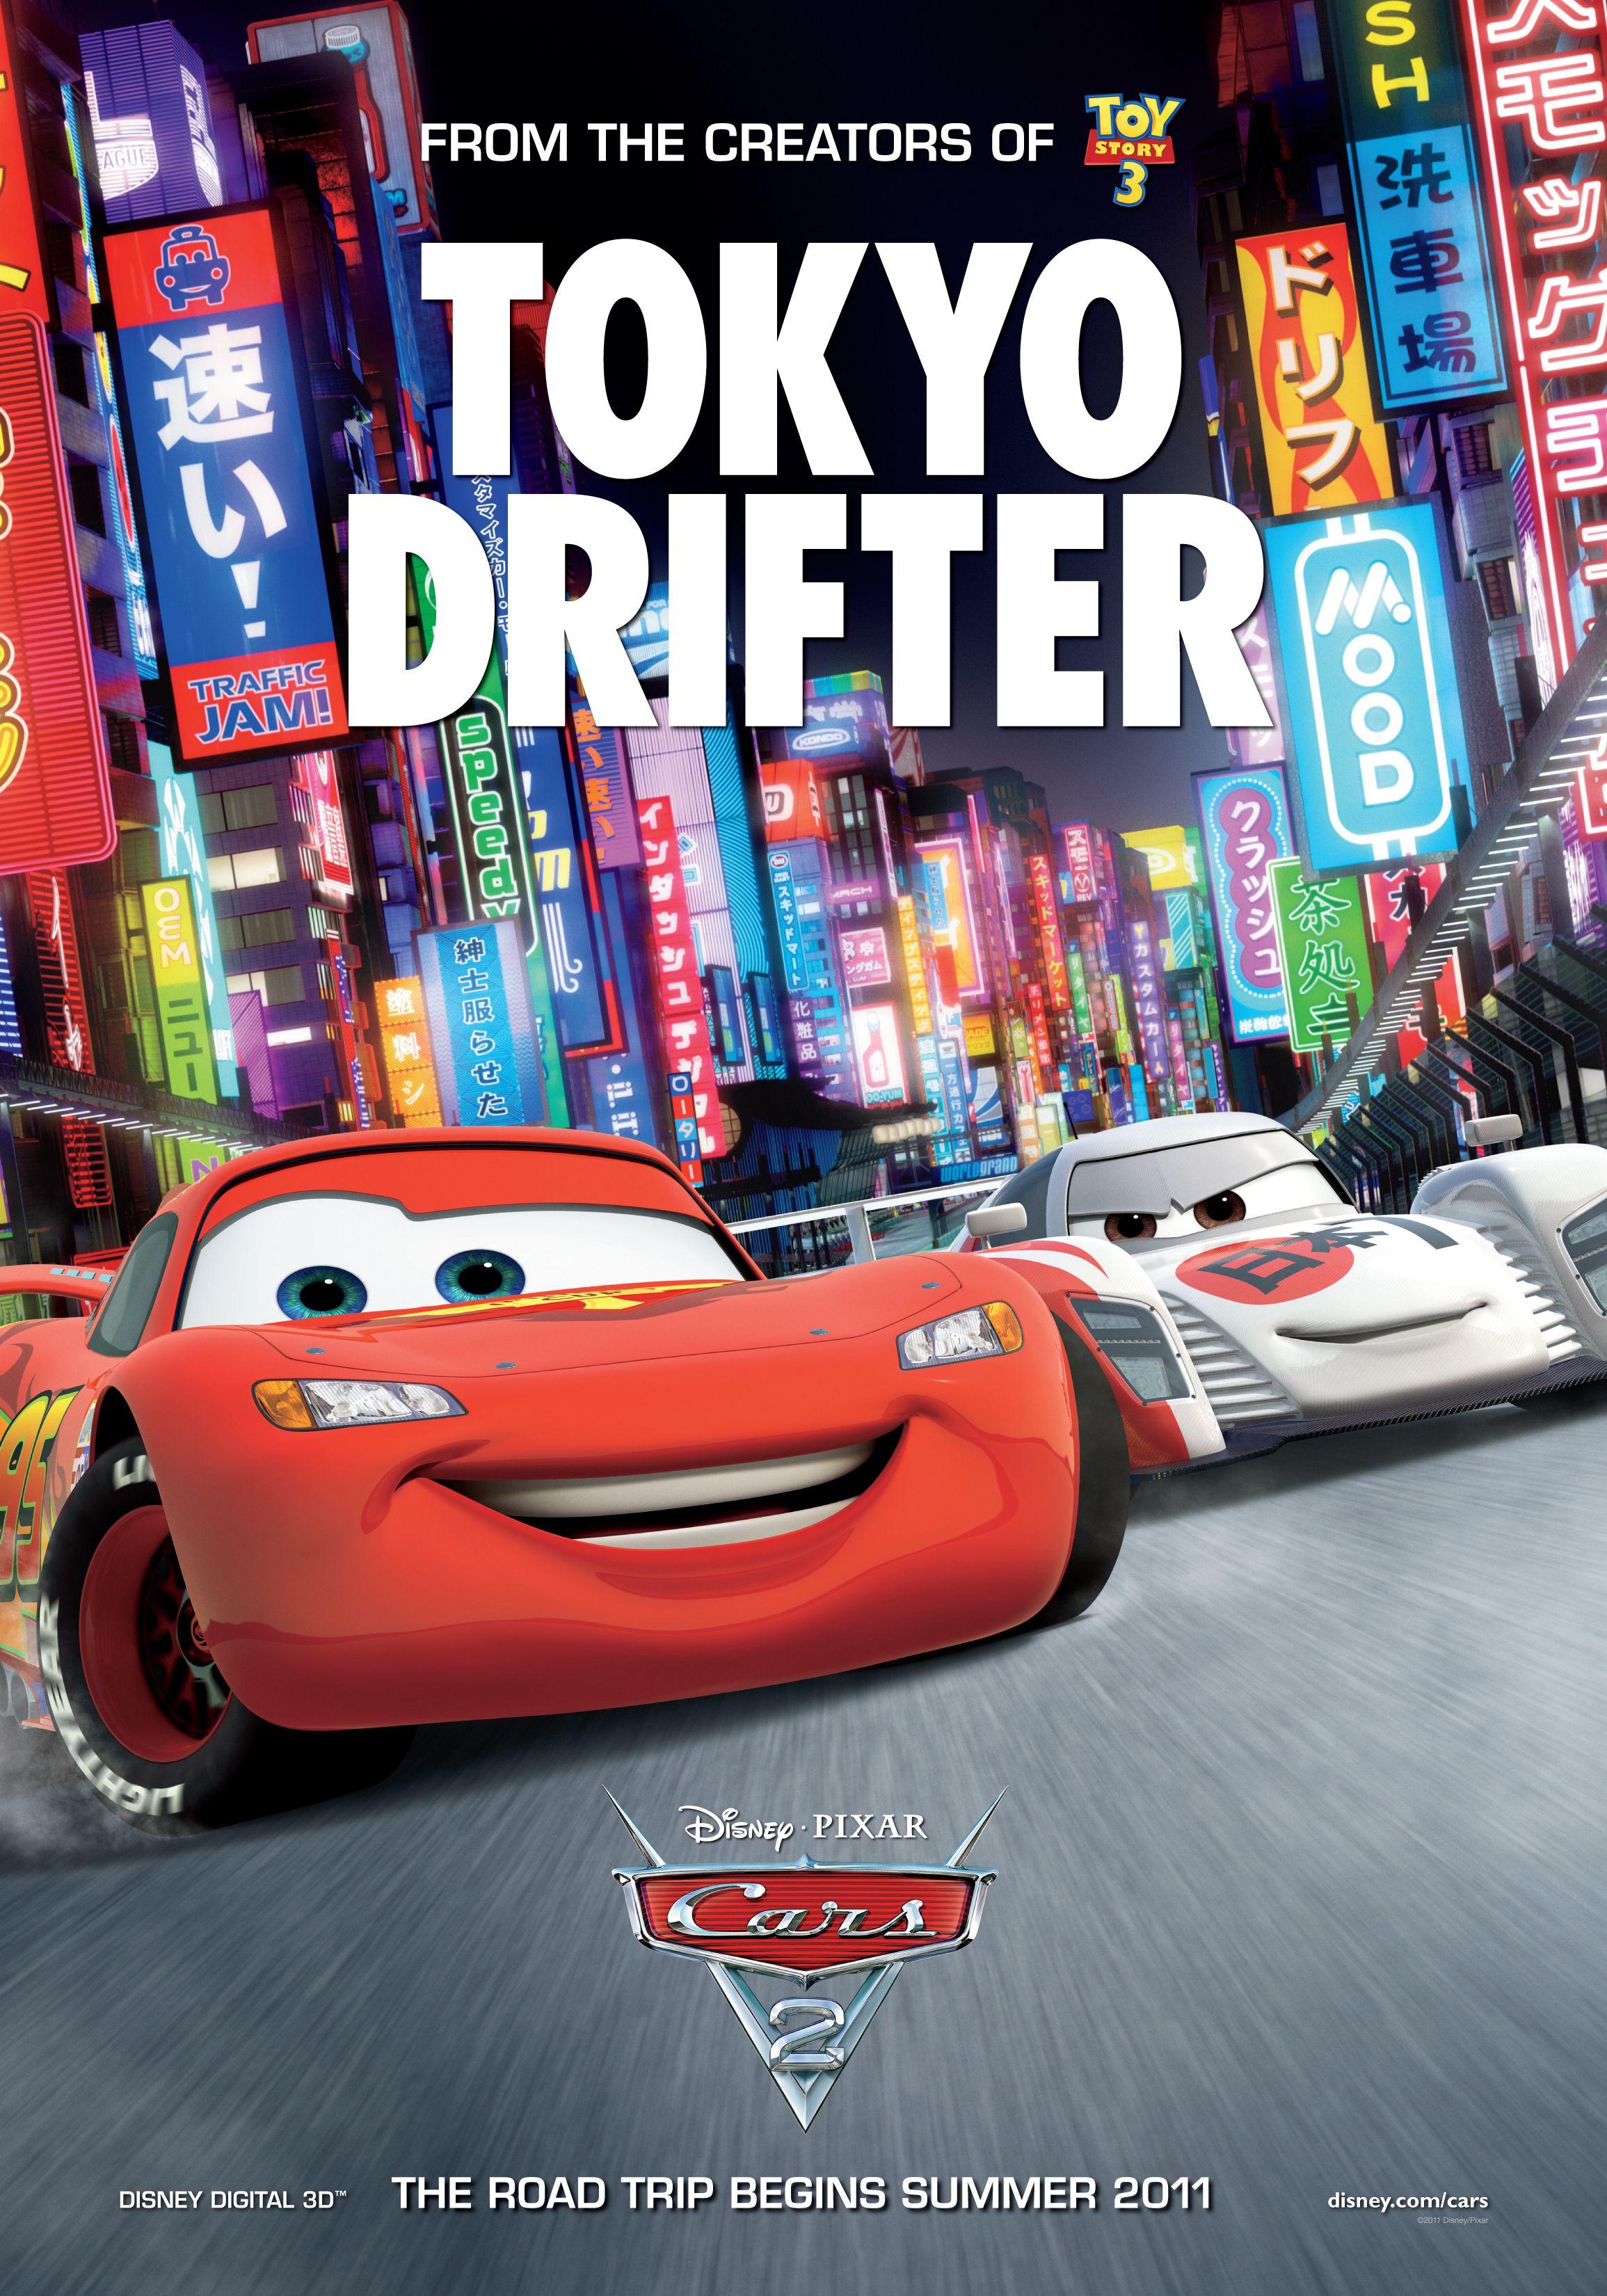 DisneyPixar Cars 2 Free familyfun craft activities and